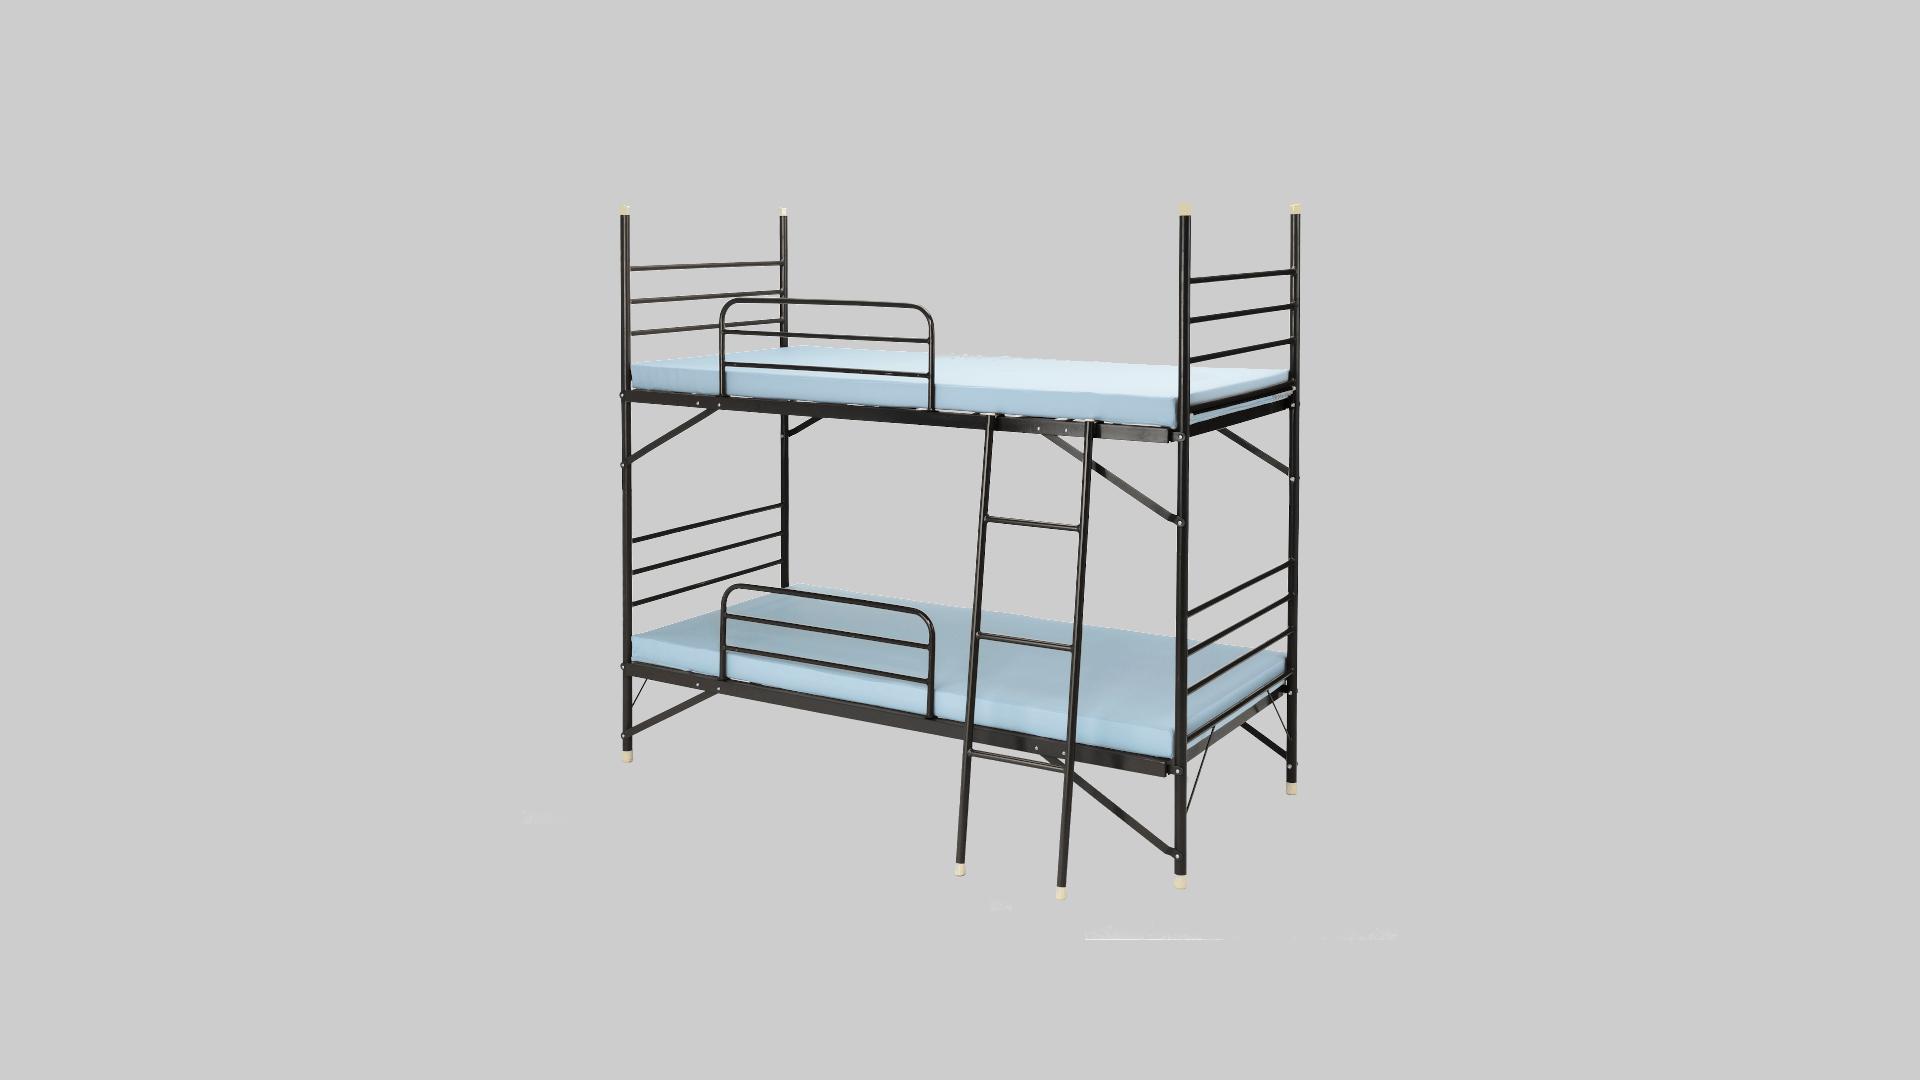 スチール2段ベット④サイドレール・梯子付 イメージ